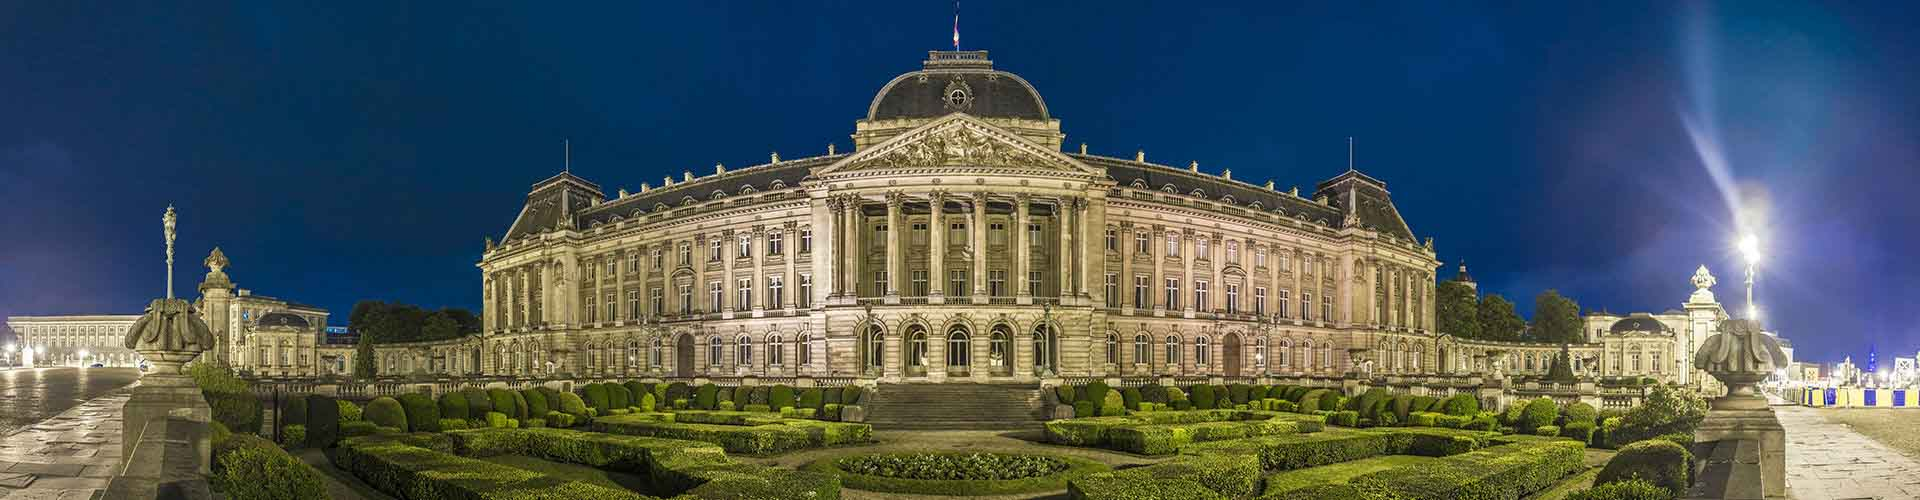 Brüsszel - Szobák Brüsszel város városrészen. Brüsszel térképek, fotók, és ajánlások minden egyes Brüsszel szobáról.